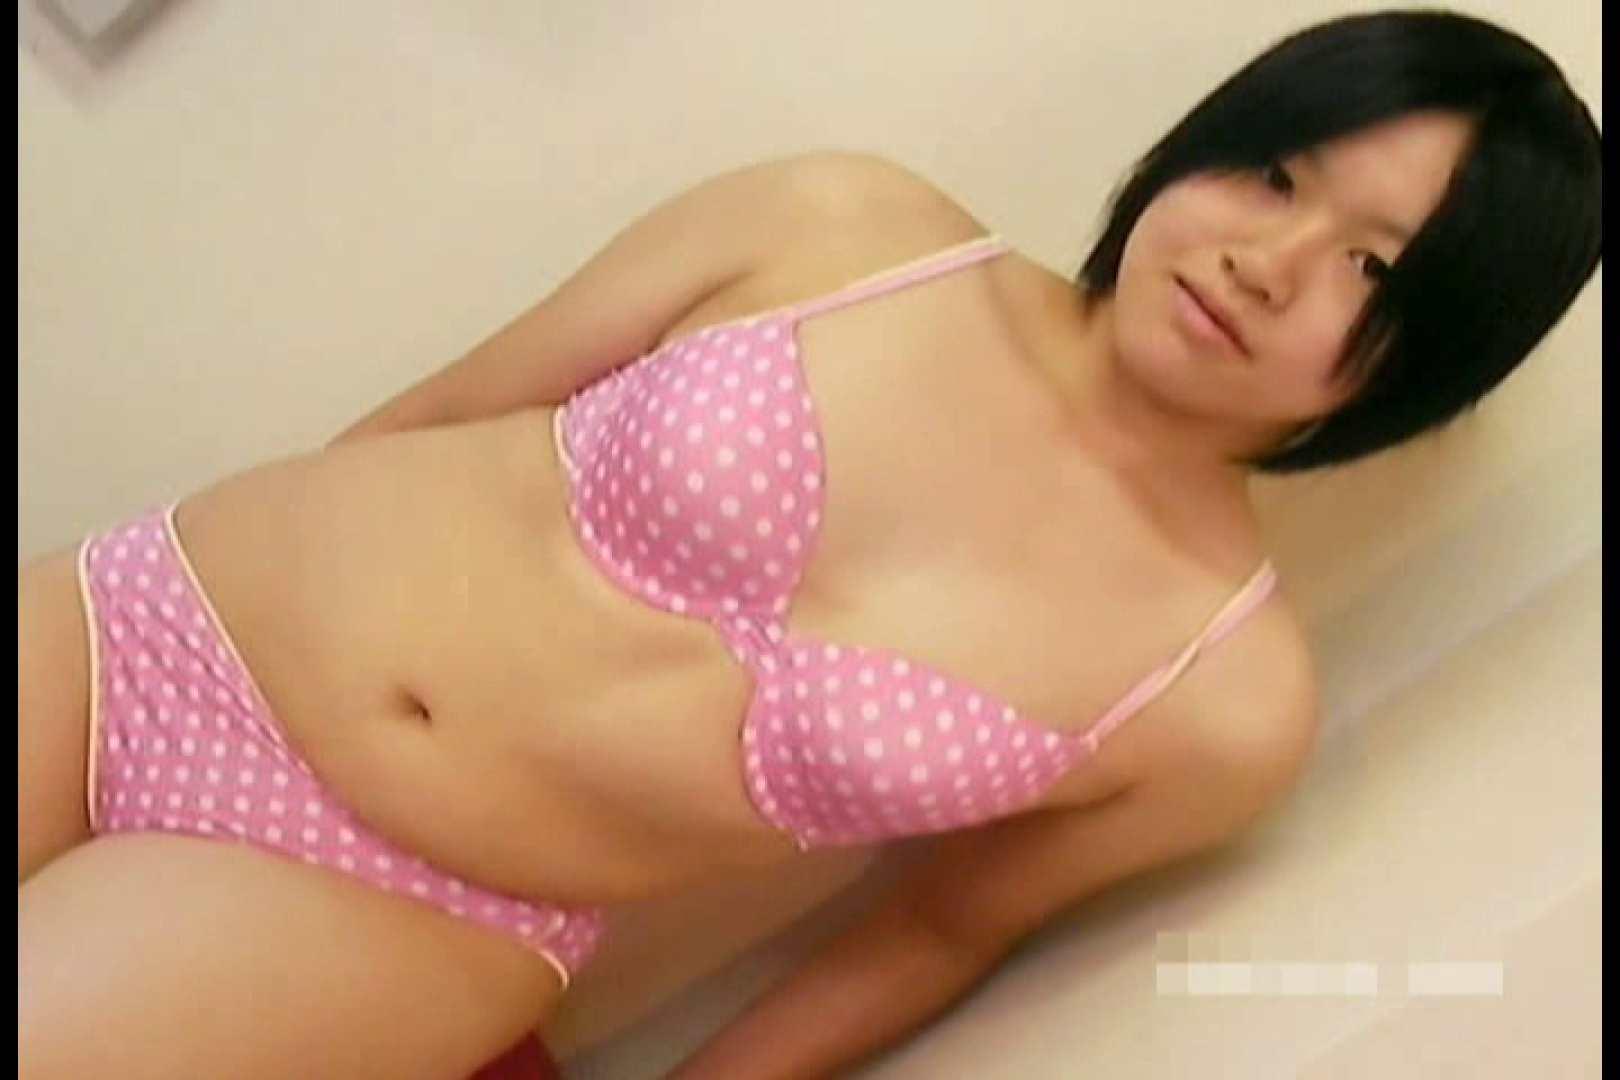 素人撮影 下着だけの撮影のはずが・・・みゆき18歳 おっぱい特集 エロ画像 65pic 10